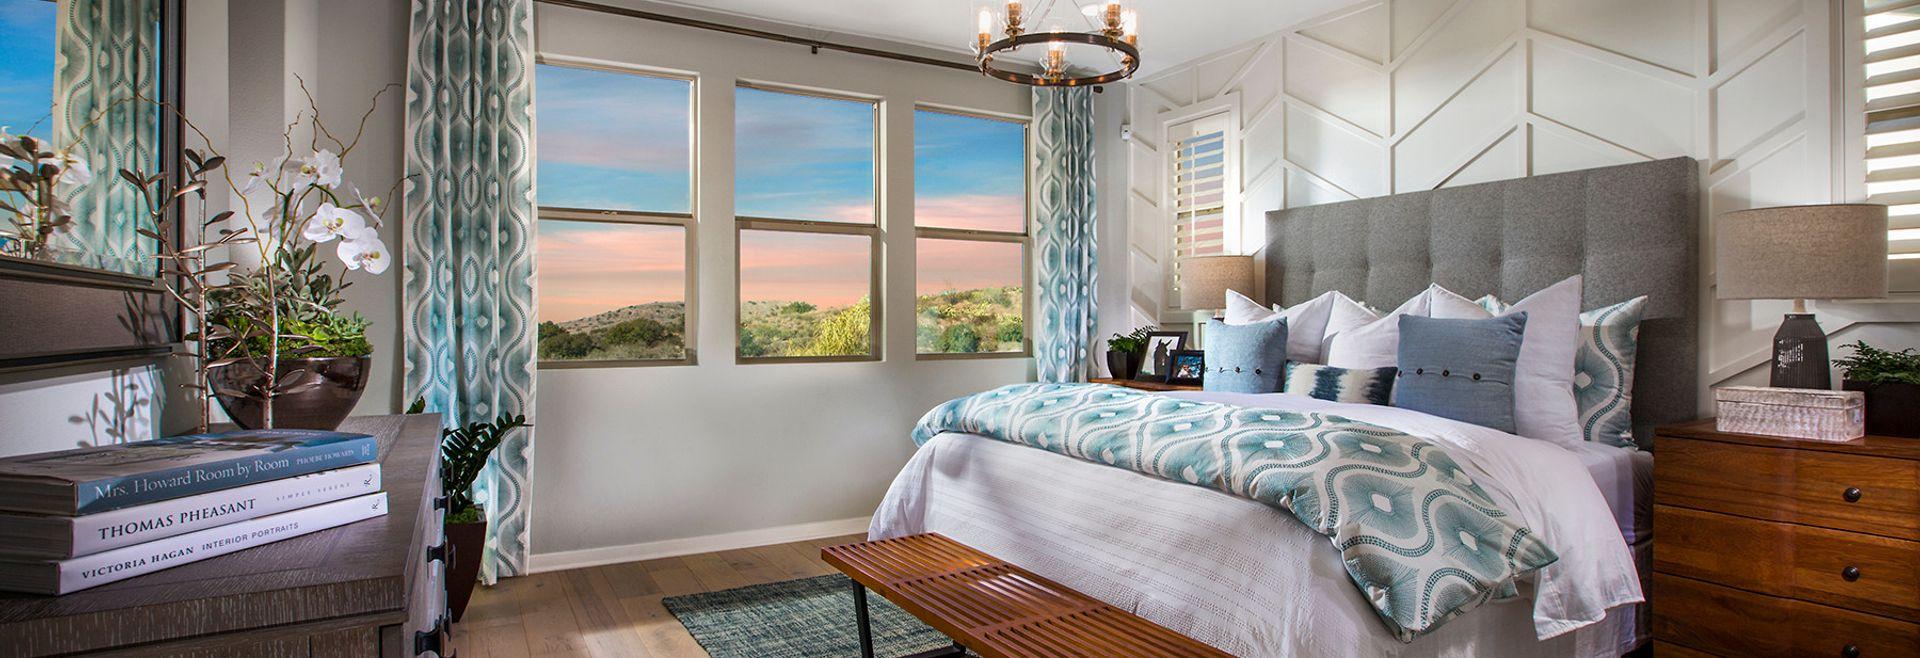 Bristol Residence 2 Master Bedroom